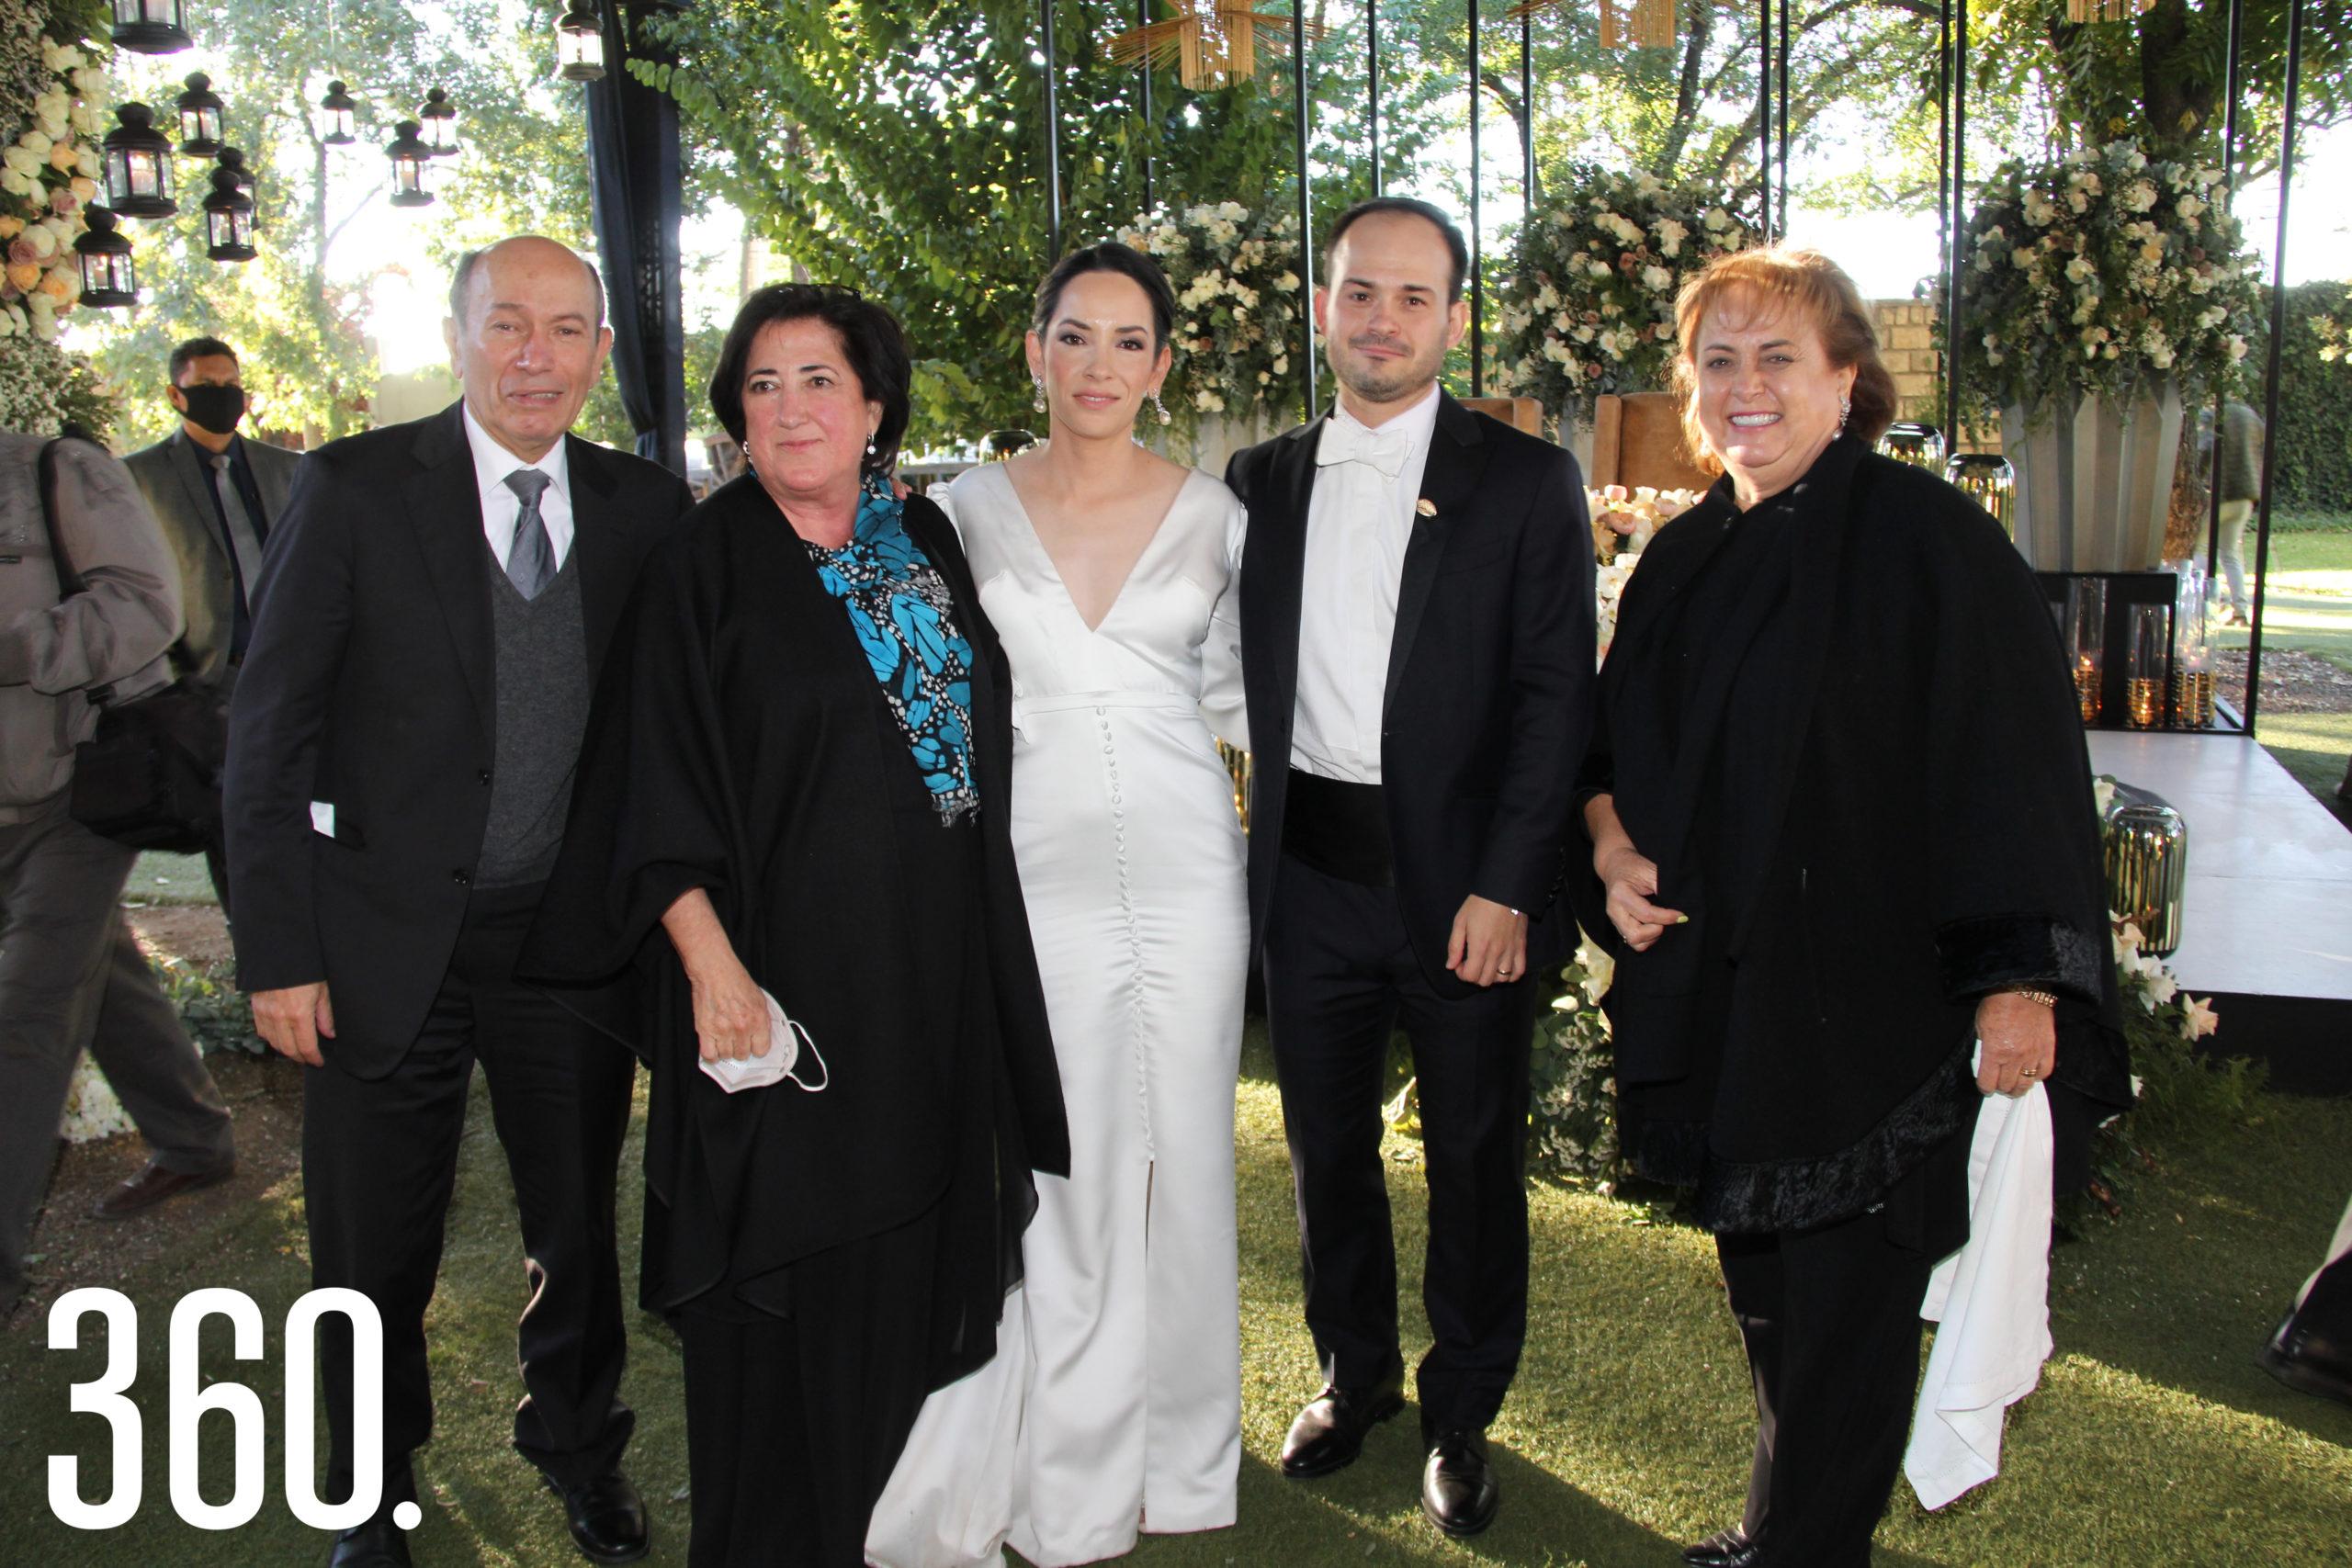 Emilio de las Fuentes, Lourdes Lobo, Miriam Rubio, Juan Bautista y Pita Dewey Castilla.